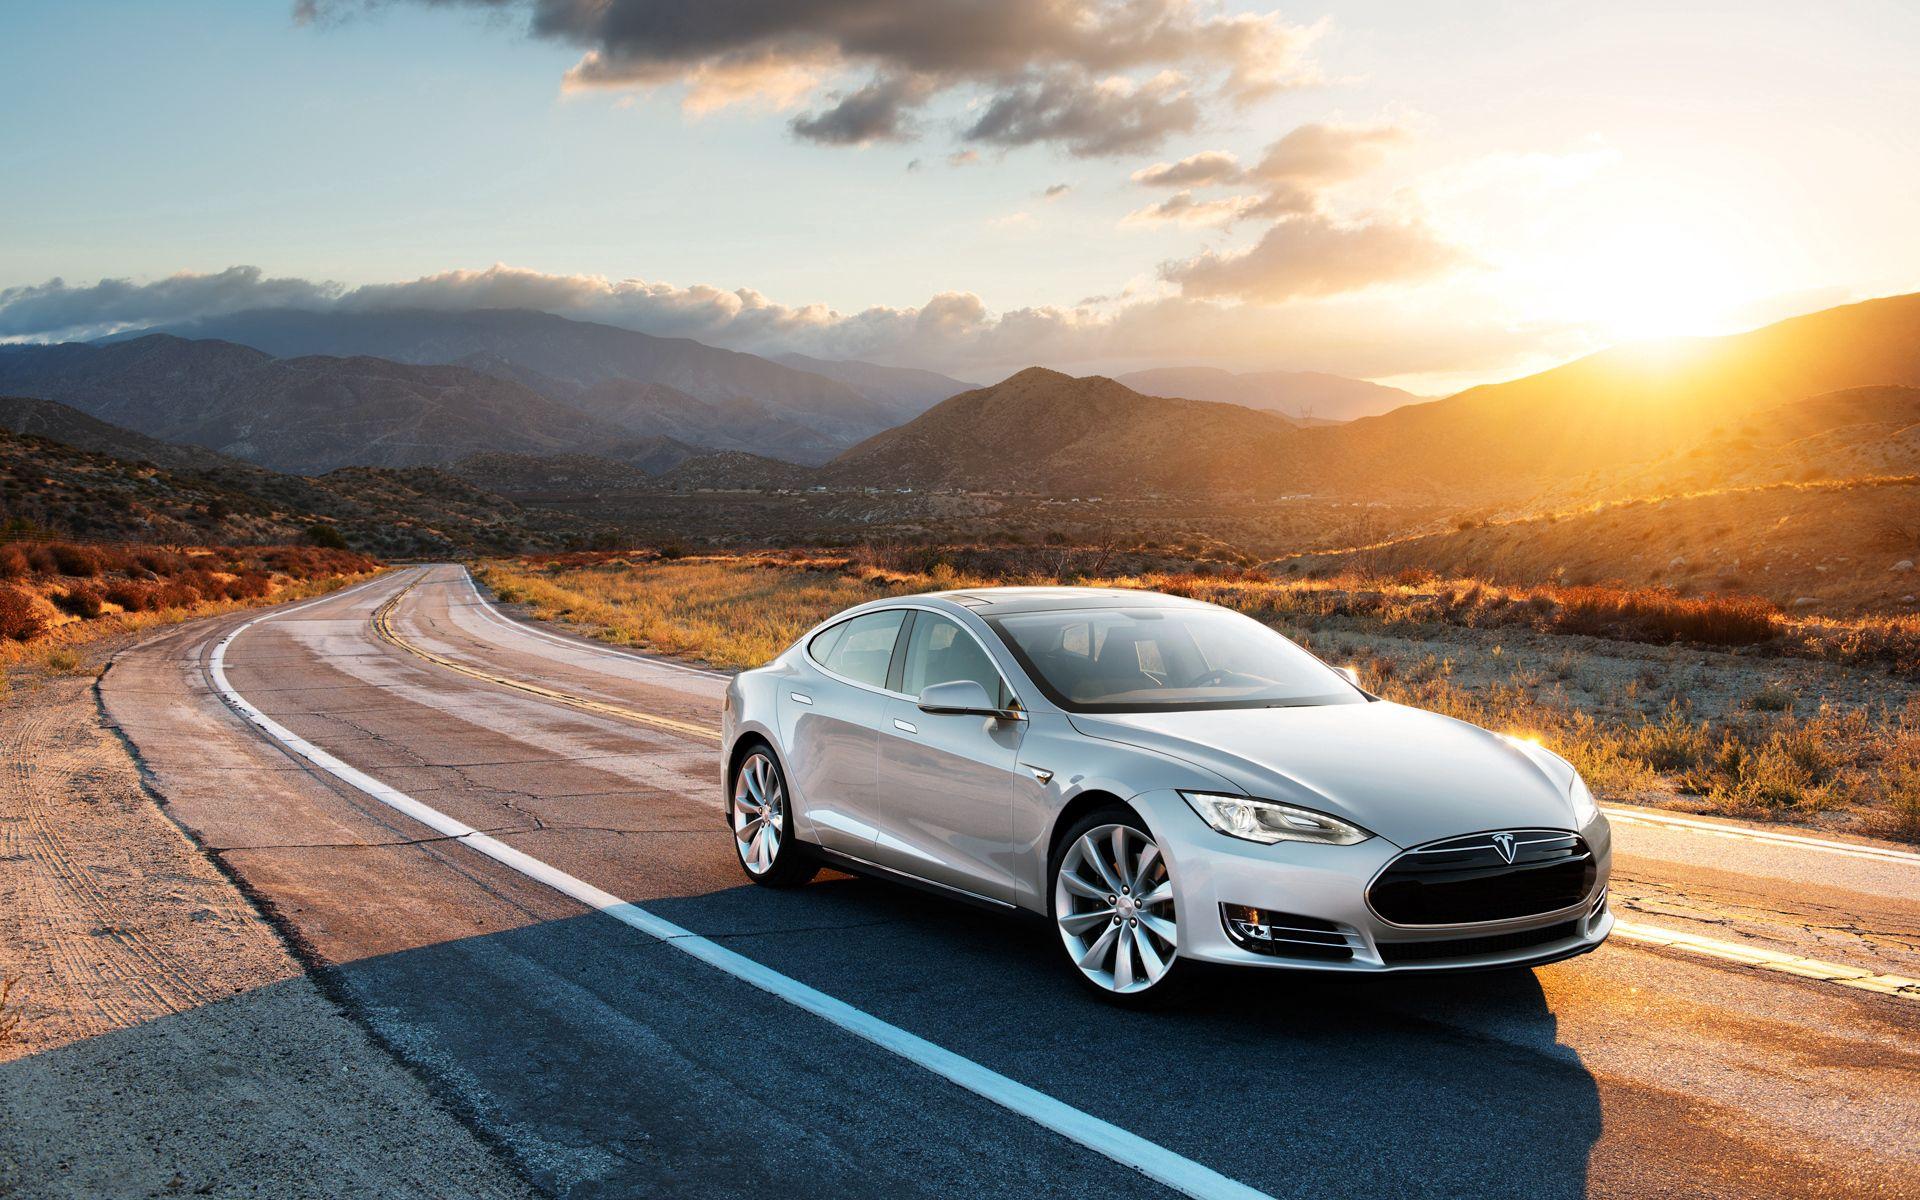 136976 téléchargez gratuitement des fonds d'écran Gris pour votre téléphone, des images Voitures, Tesla, Des Modèles, Modèles, Modèles Tesla, Modèle Tesla Gris et des économiseurs d'écran pour votre mobile